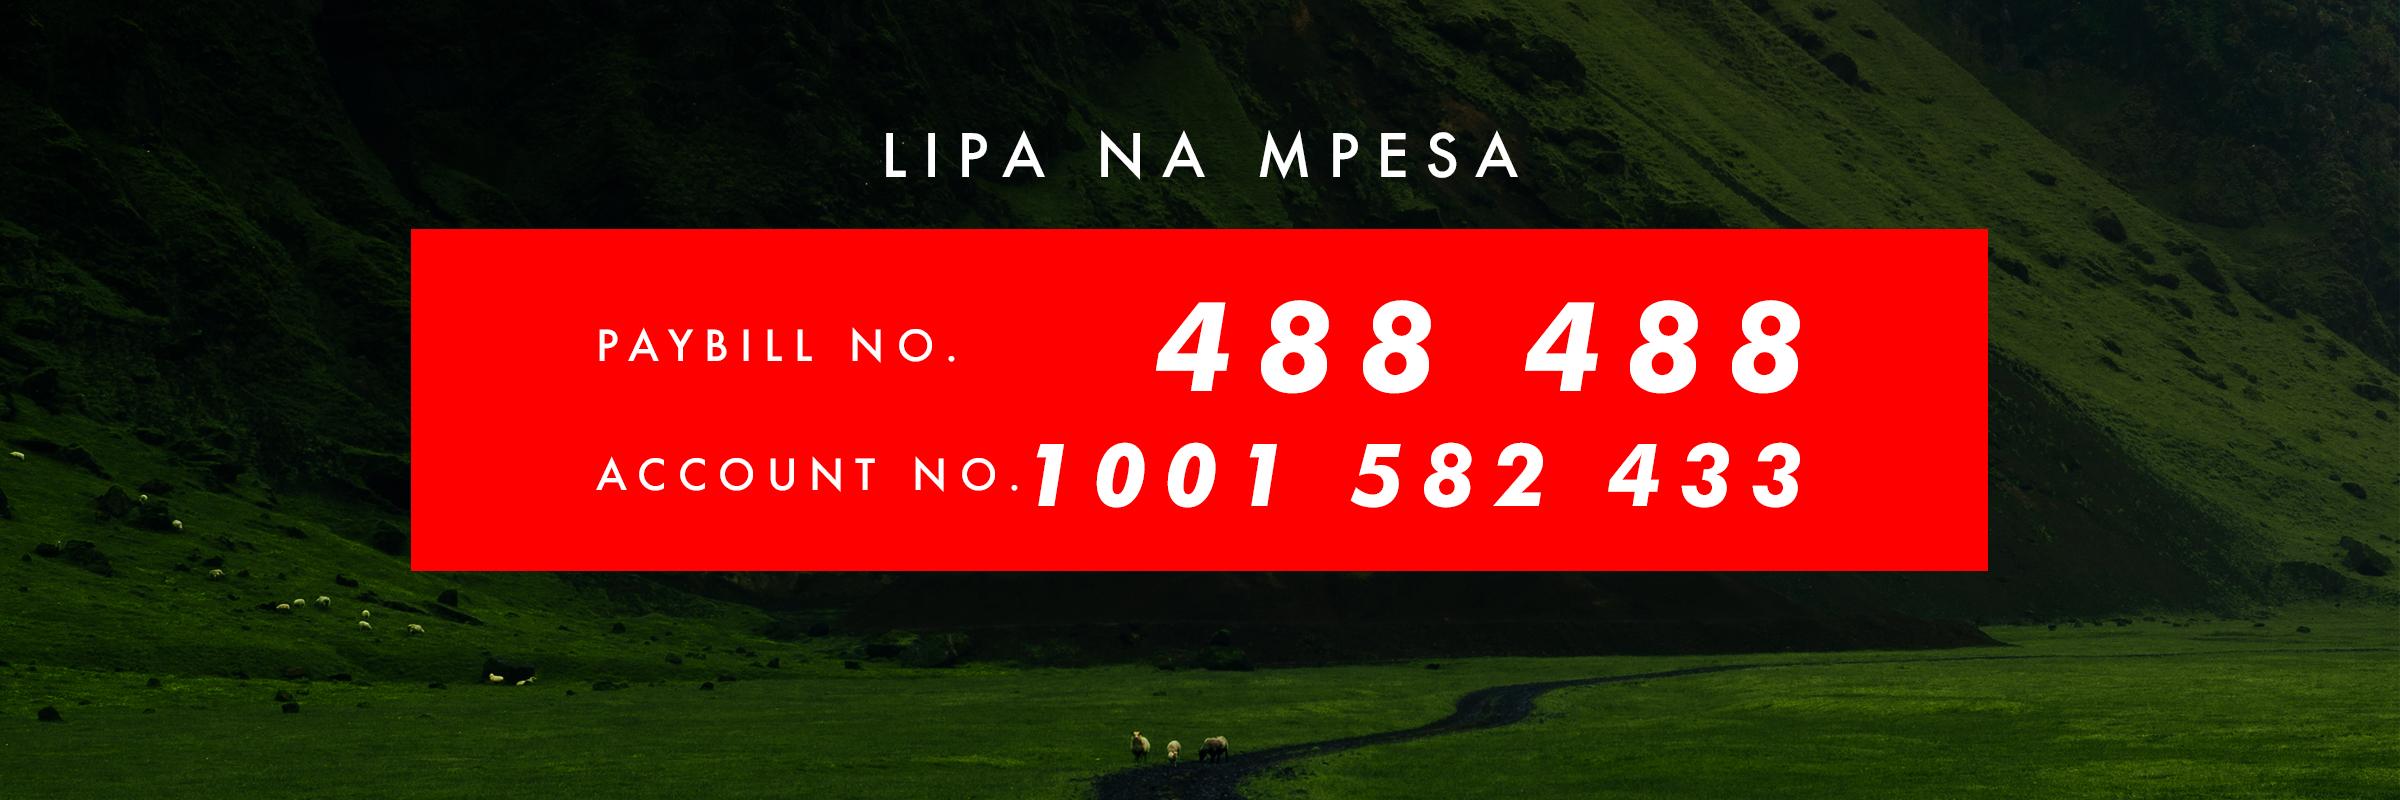 LIPA NA MPESA.jpg